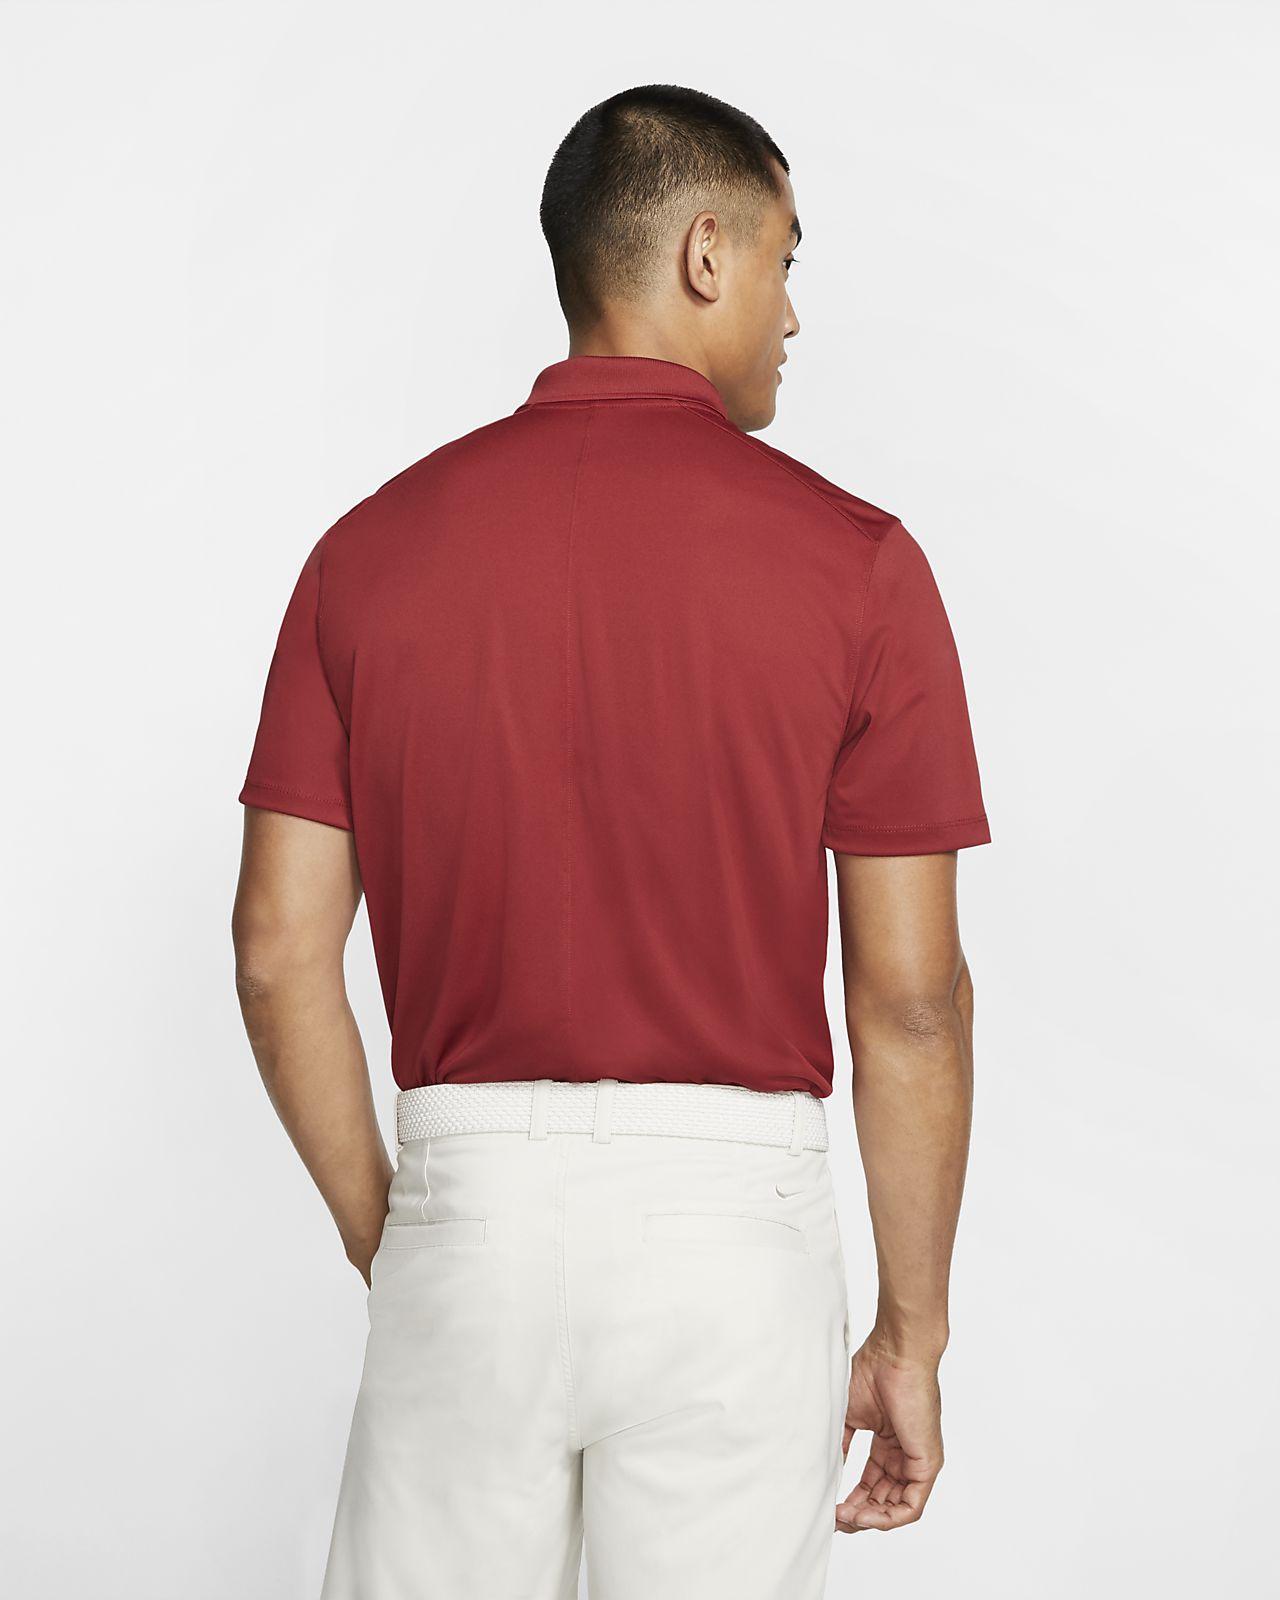 046f31e394d9c Nike Dri-FIT Victory Men's Golf Polo. Nike.com